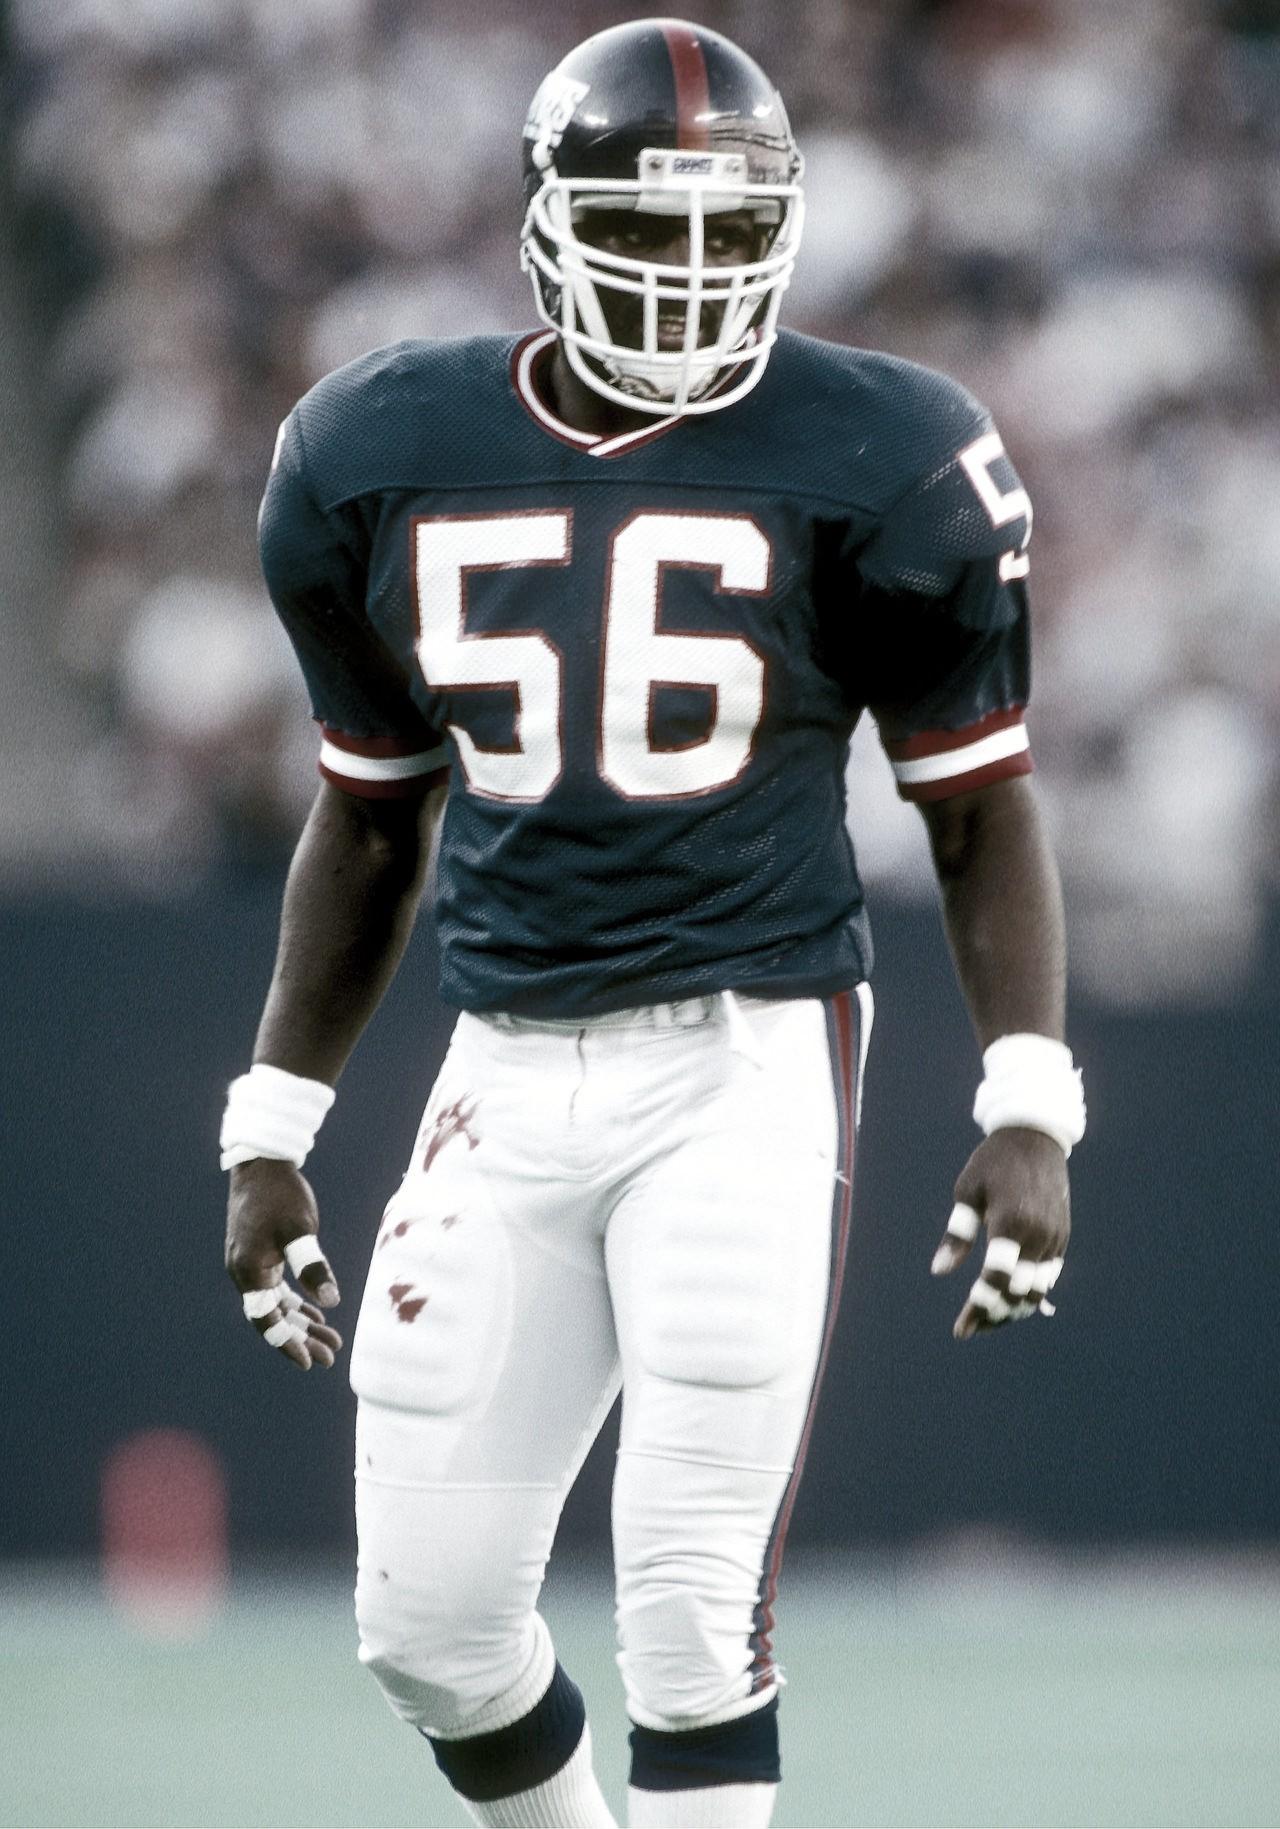 Leyenda New York Giants: Lawrence Taylor